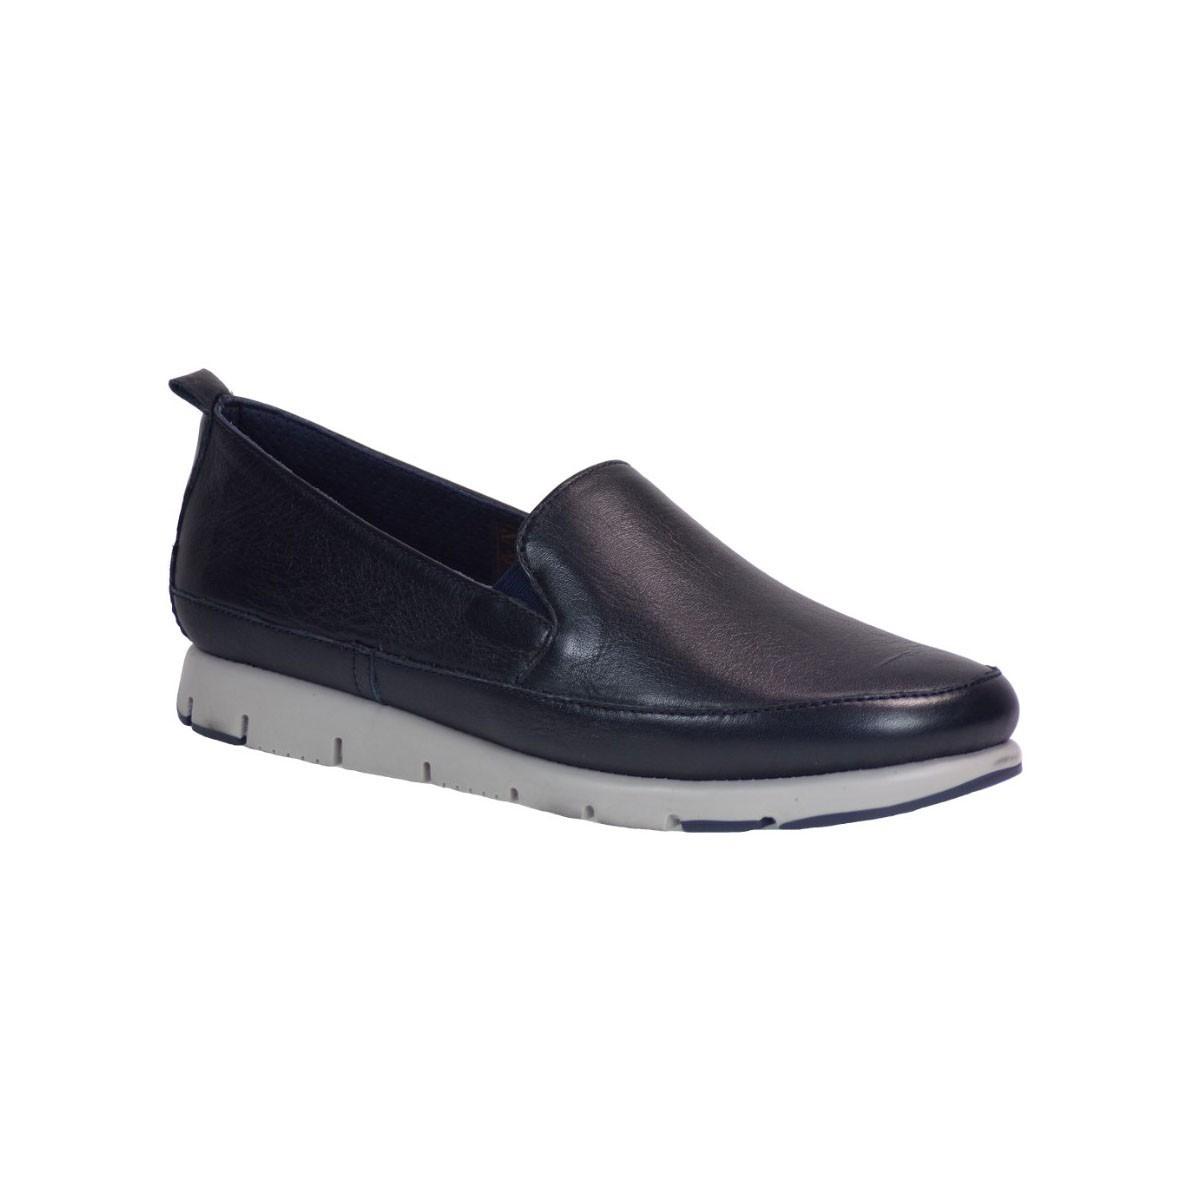 855fbd70dbd Aerosoles Γυναικεία Παπούτσια FAST LANE Μπλε |Γυναικεία & Ανδρικά ...